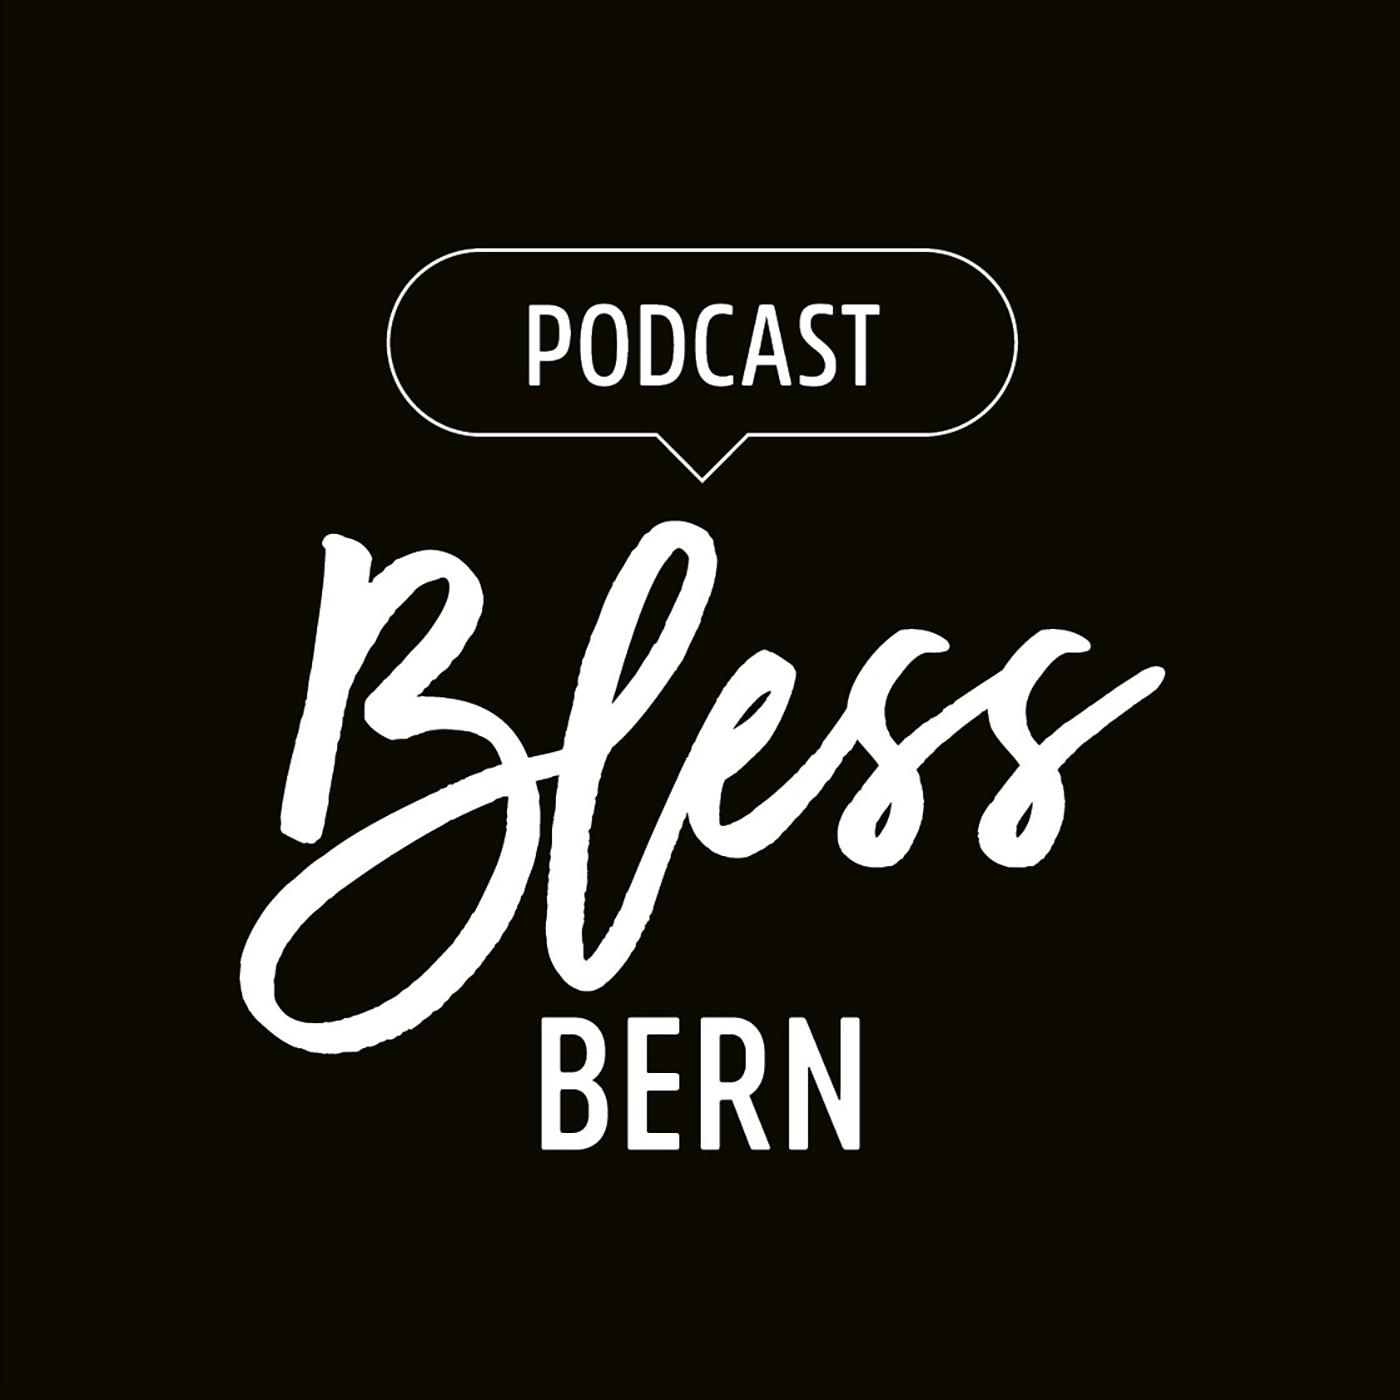 BlessBern Podcast